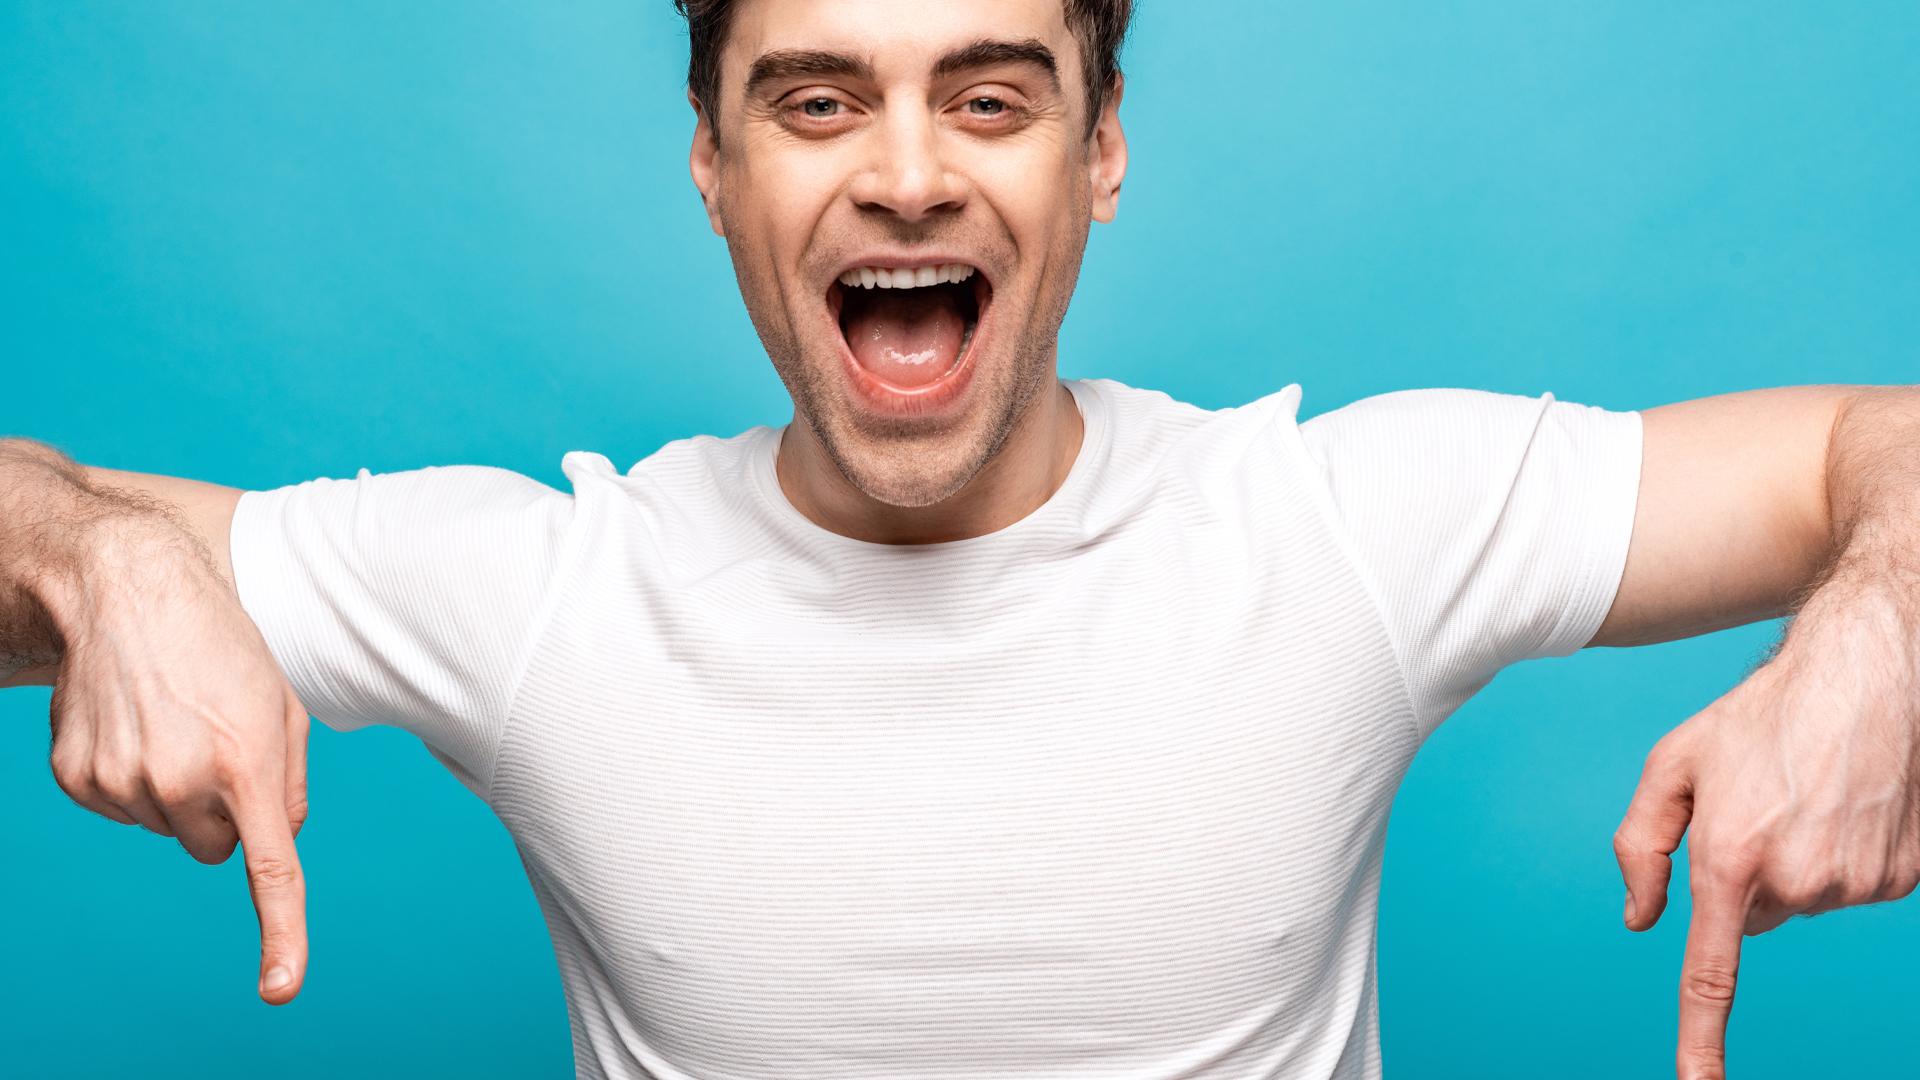 Особливості ліпосакції для чоловіків